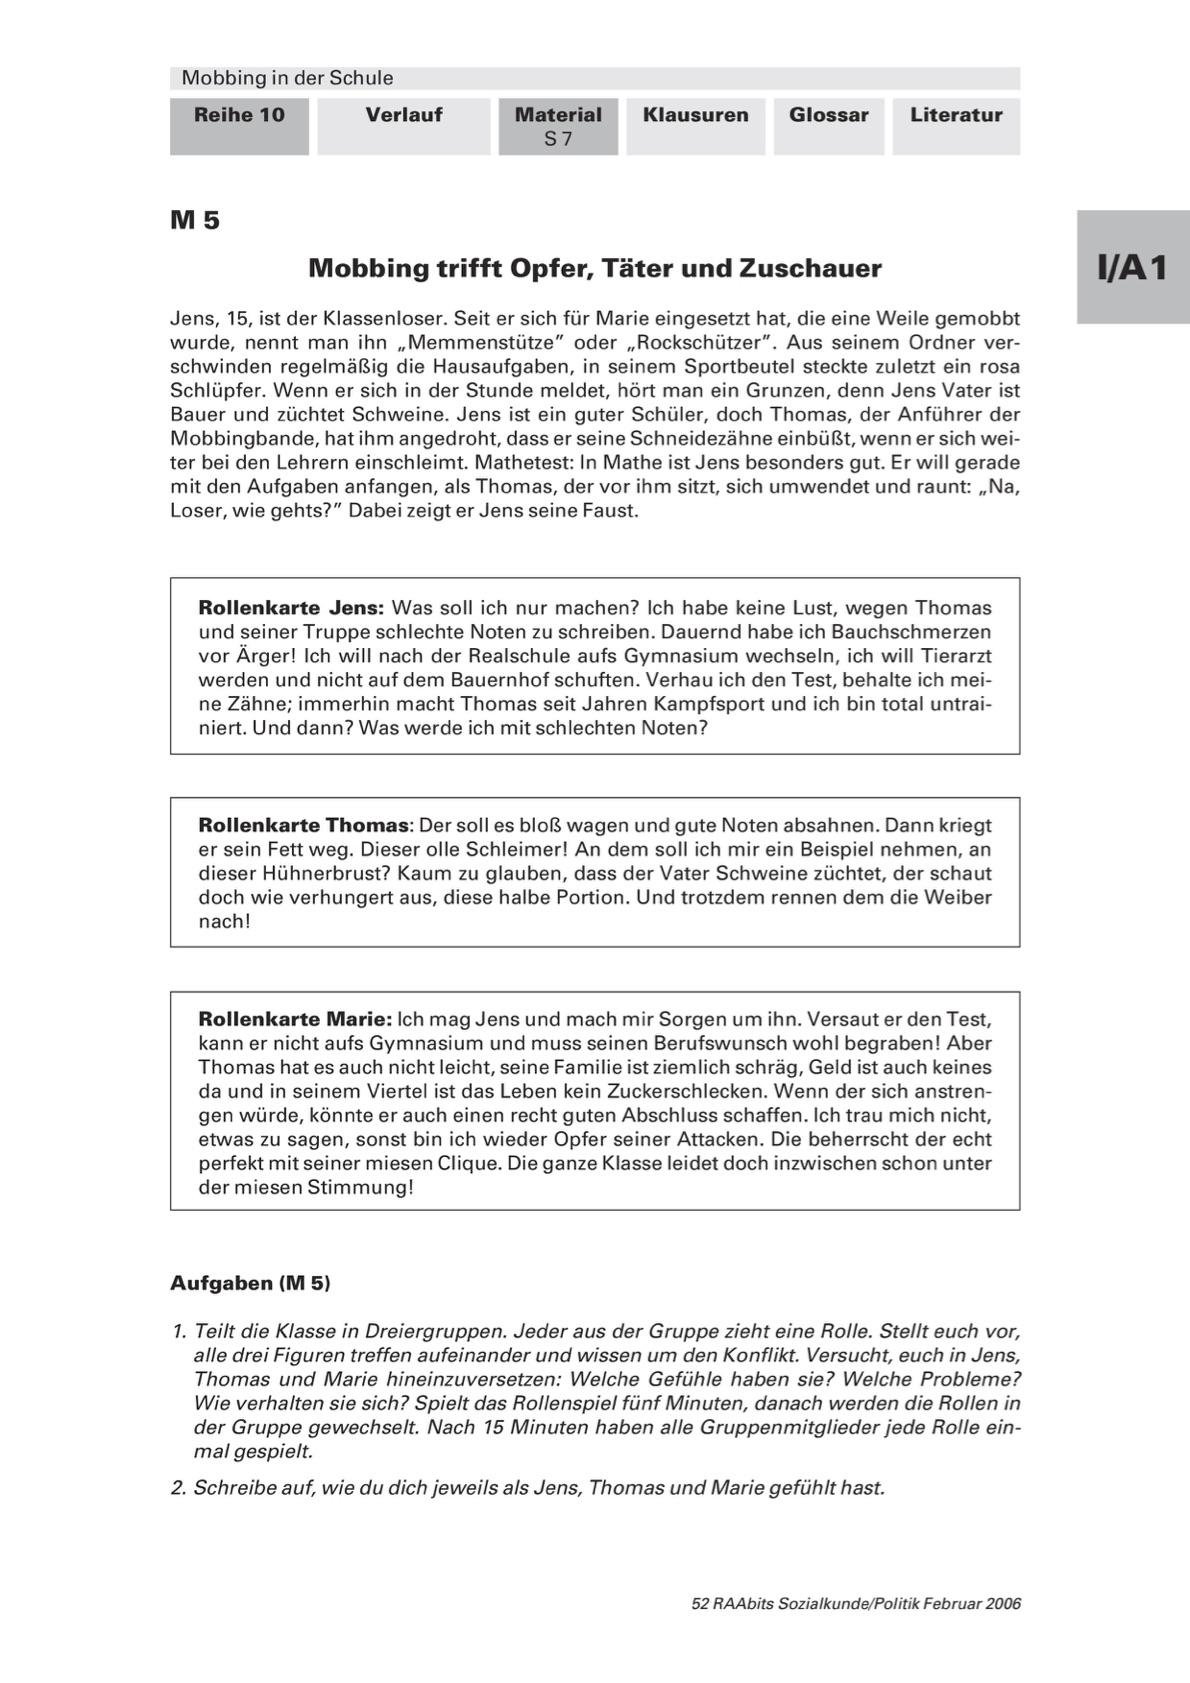 Rollenkarten zum Thema Mobbing in der Schule